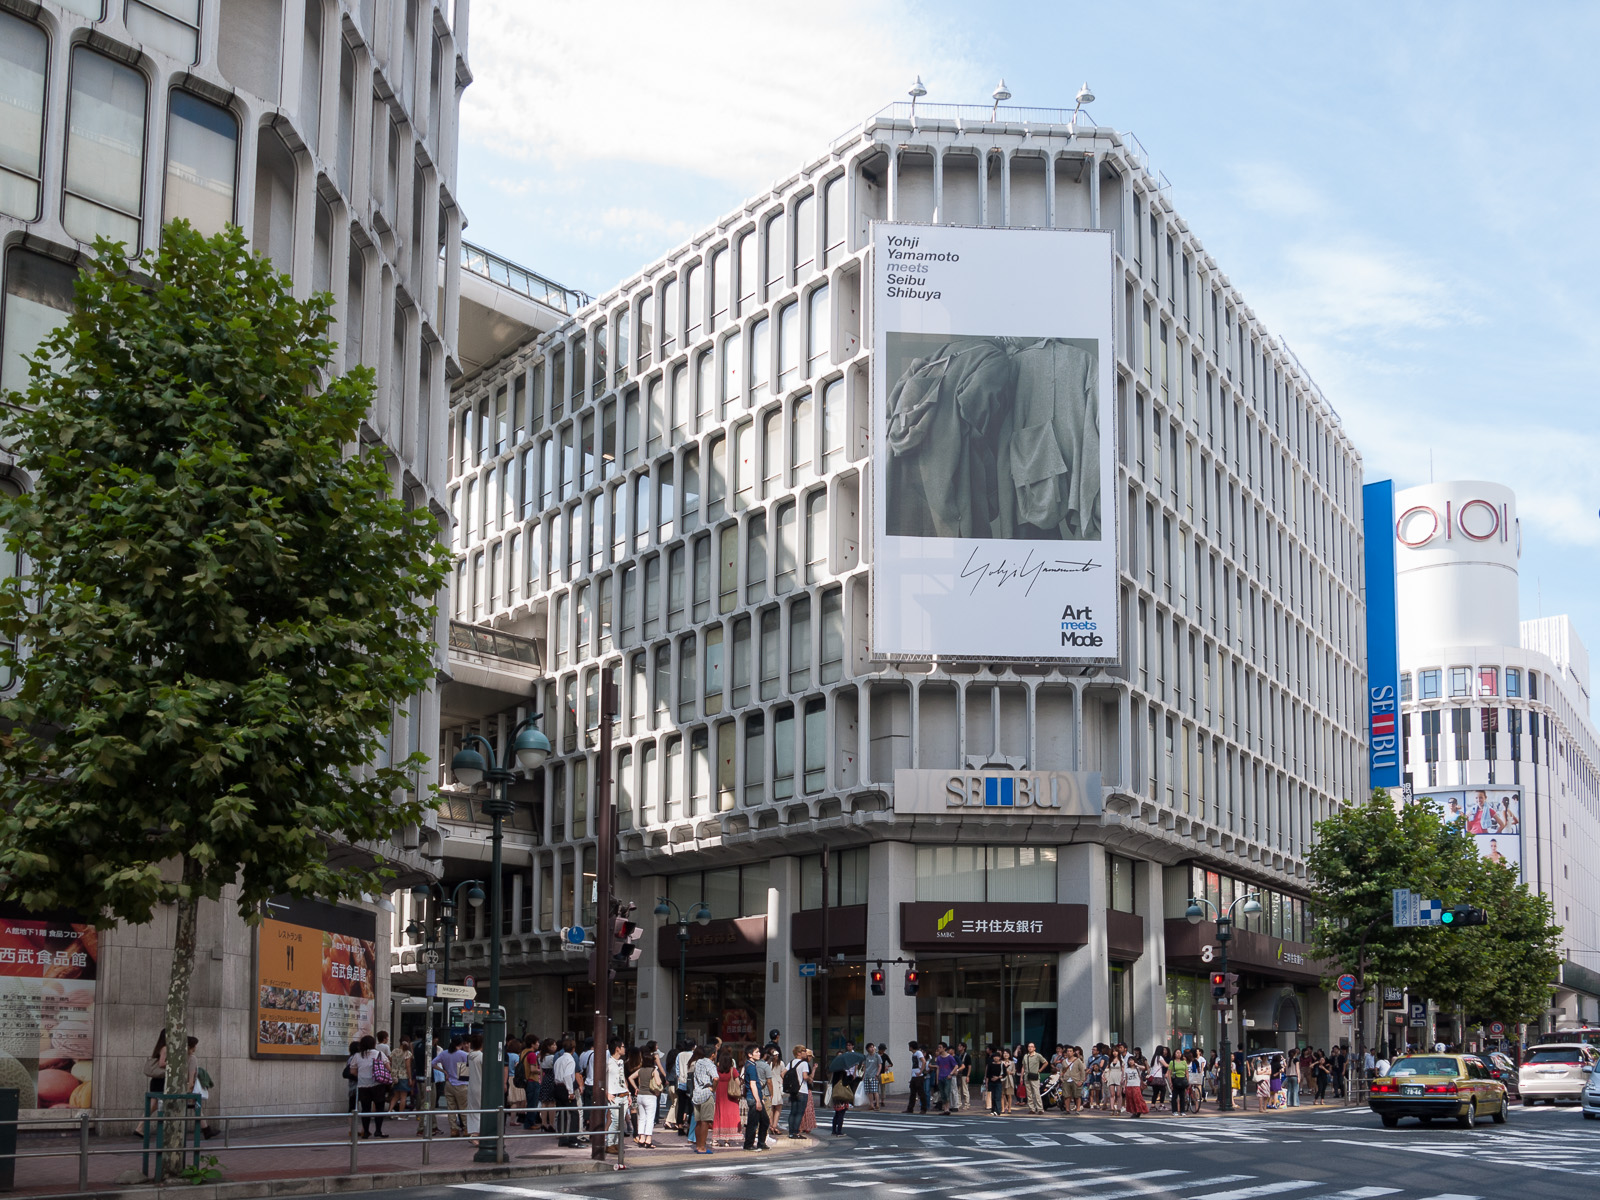 渋谷西武百貨店的圖片搜尋結果